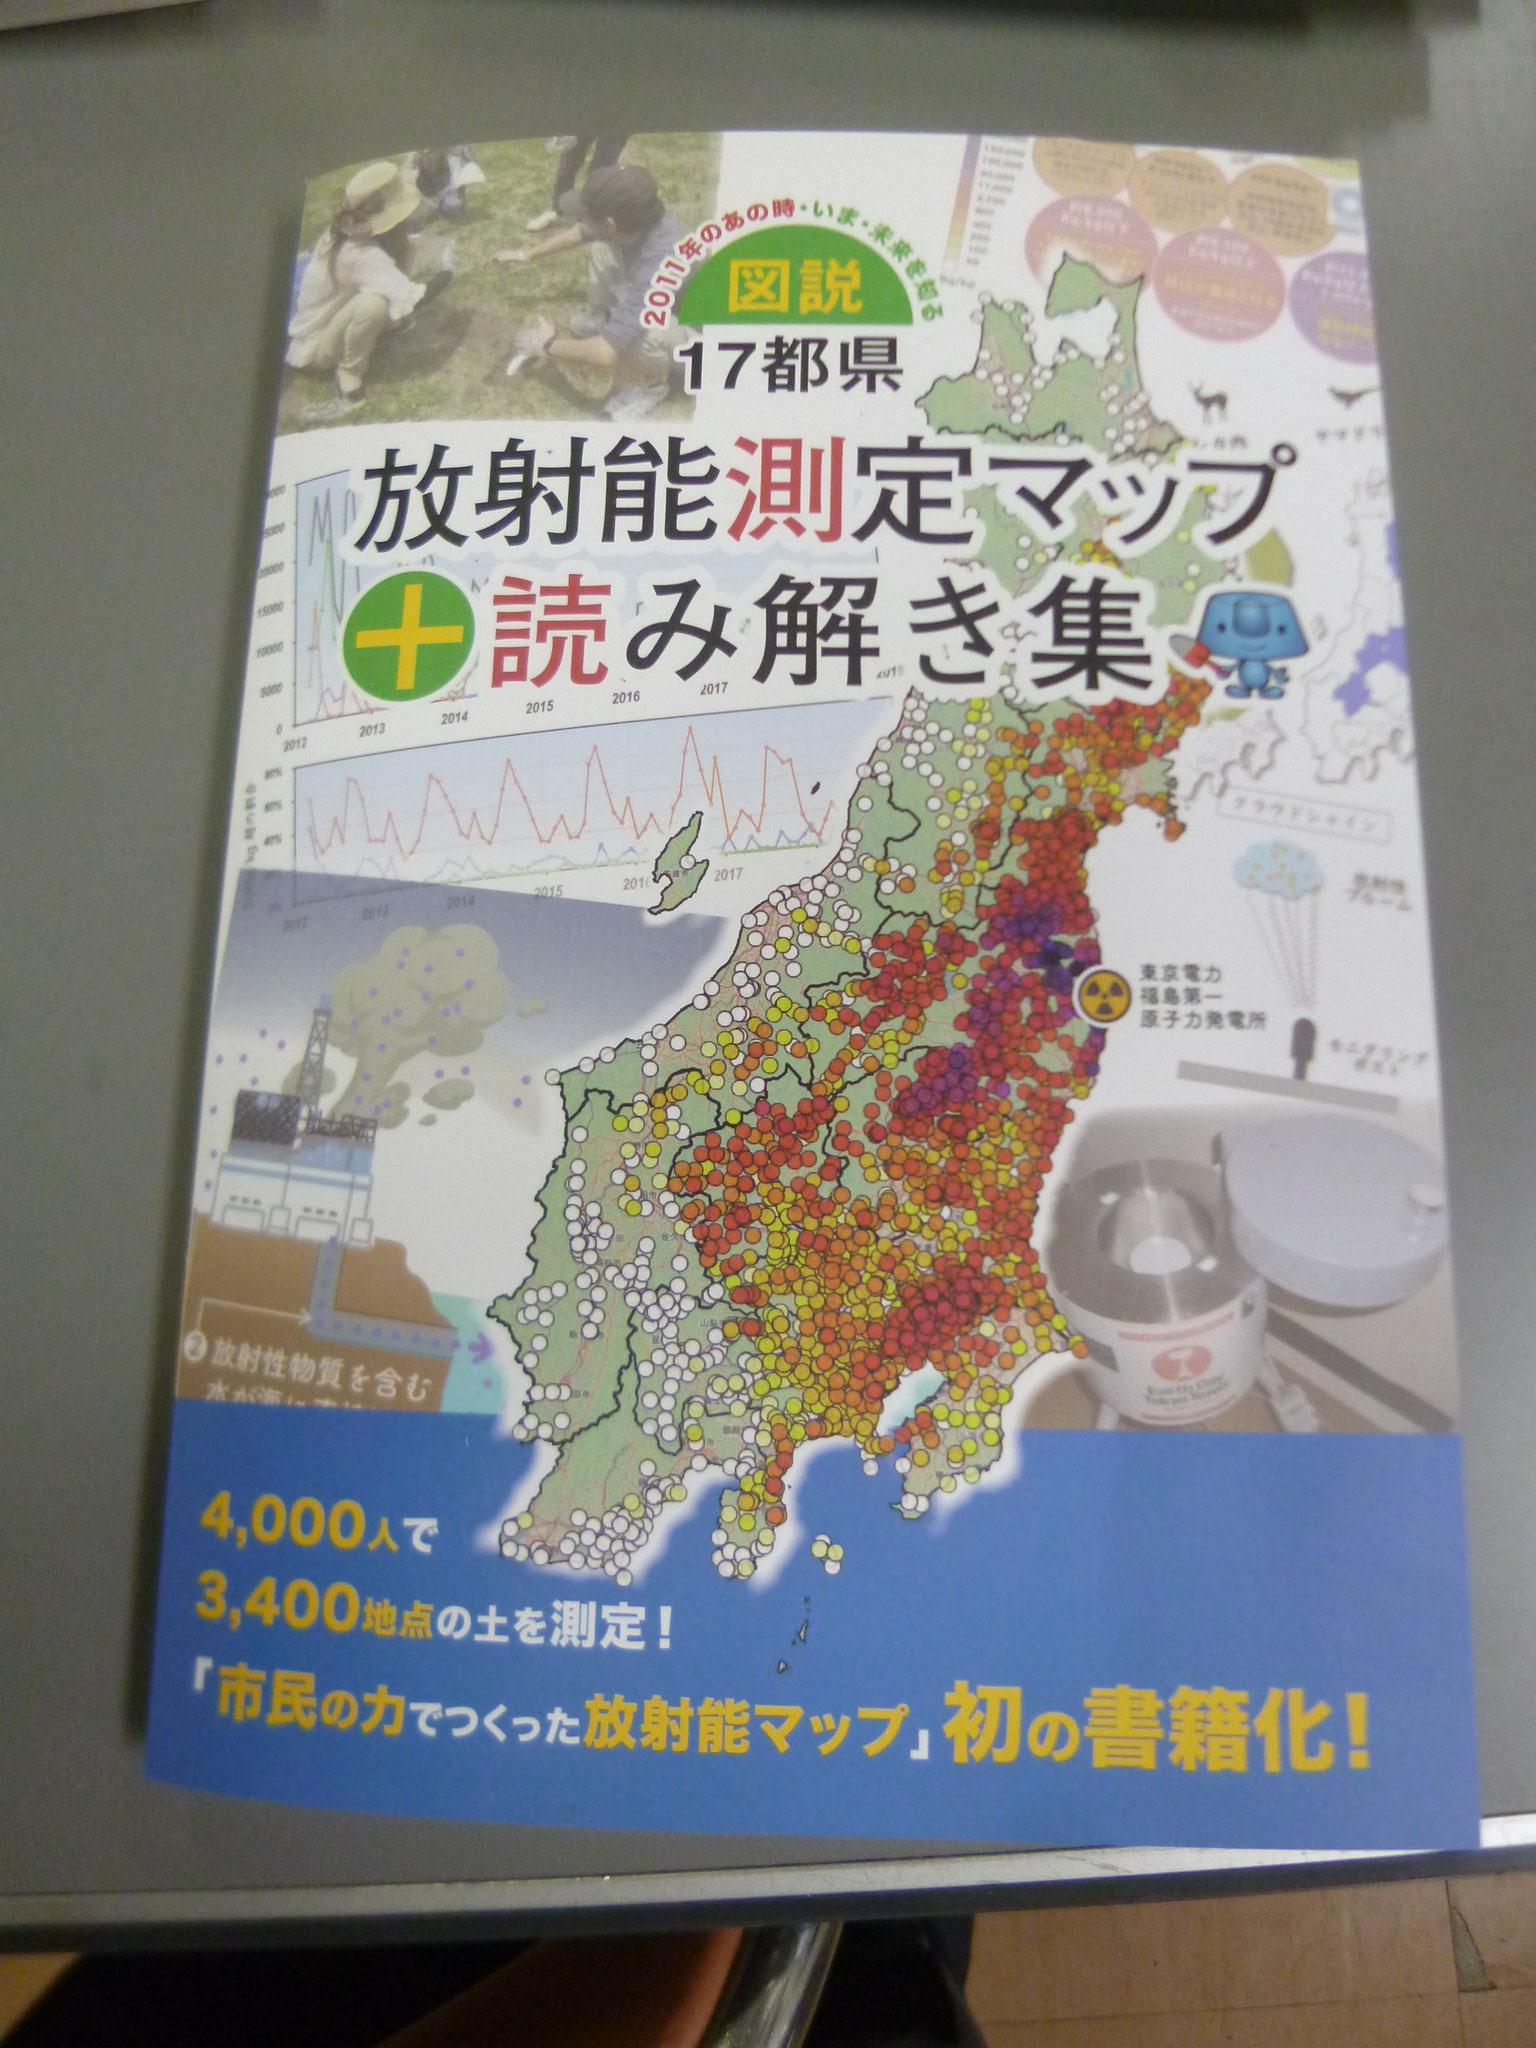 17都県放射能マップ